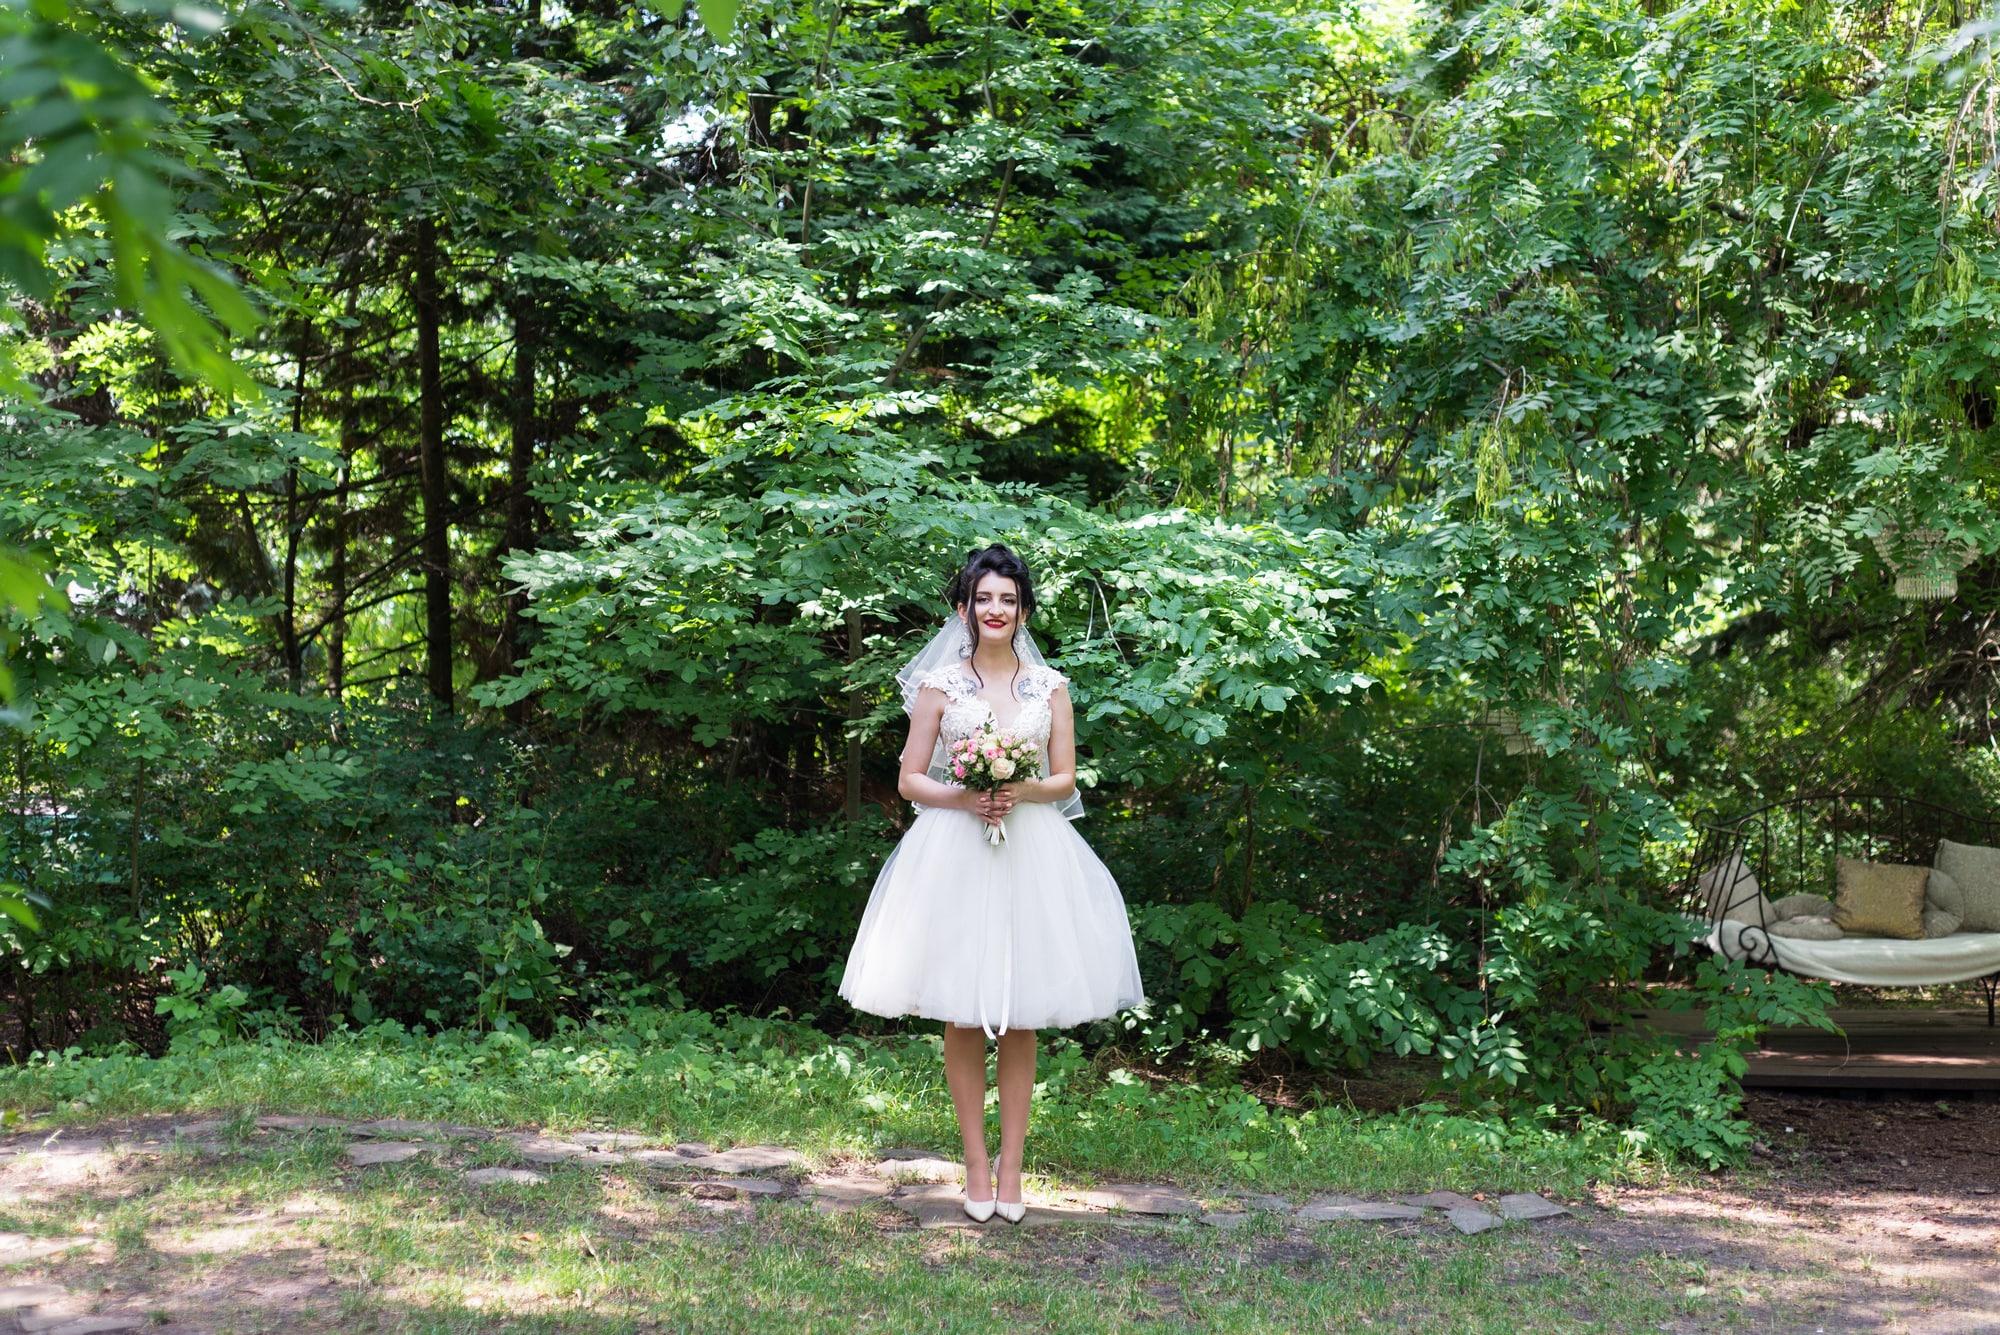 Свадебная фотосессия в студии Play - невеста с букетом позирует